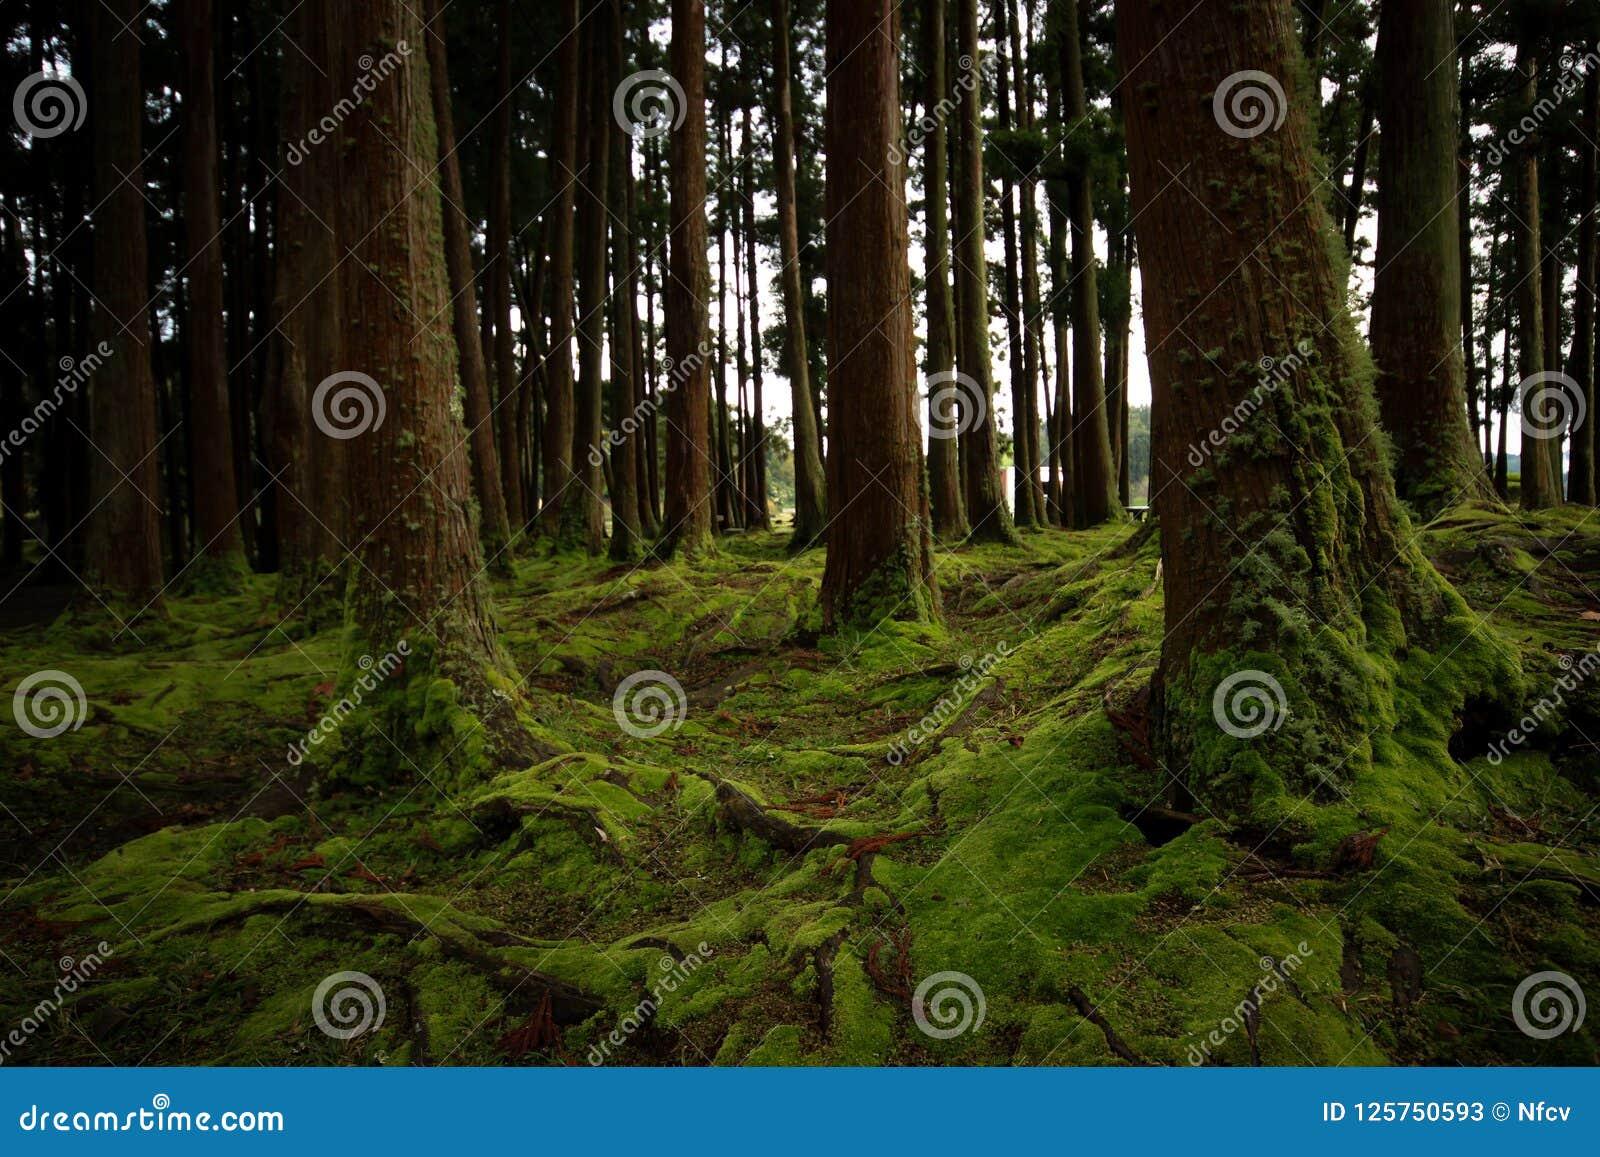 Oude die bomen in een bos met de vloer met mos wordt behandeld